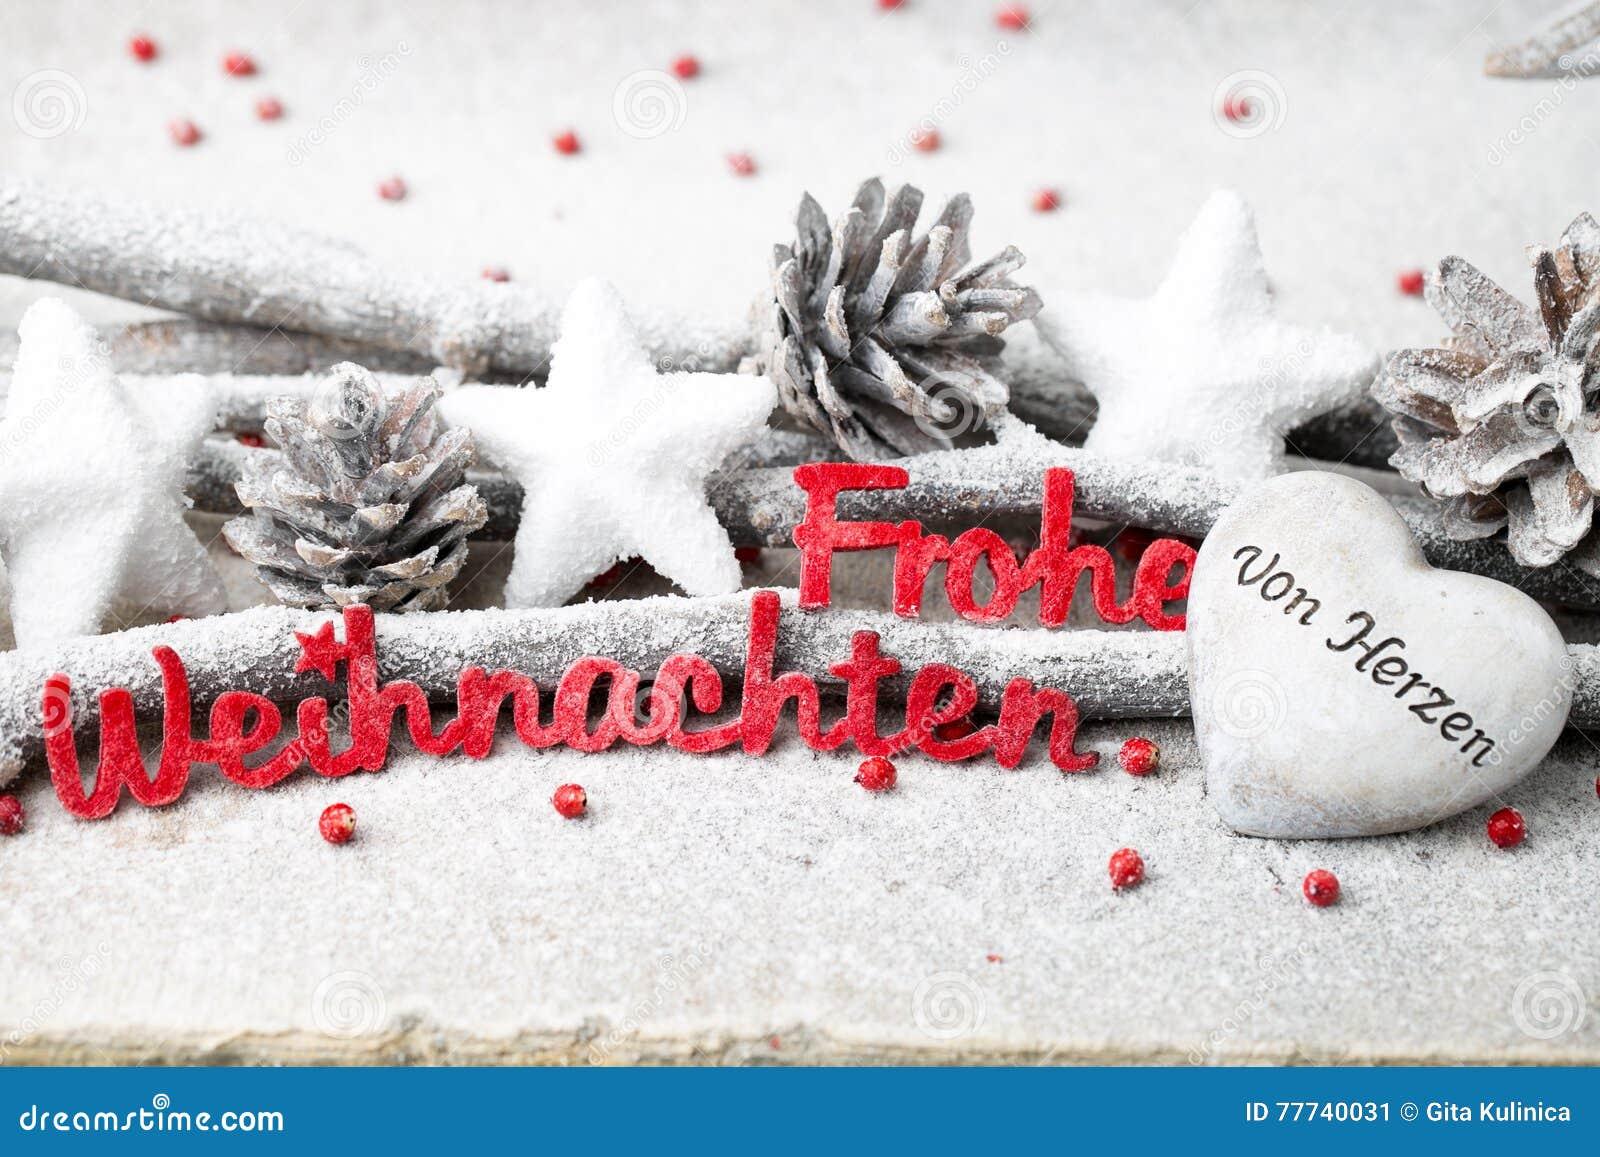 Buchstaben Frohe Weihnachten.Rote Buchstaben Mit Deutschem Frohe Weihnachten Bedeutet Frohe